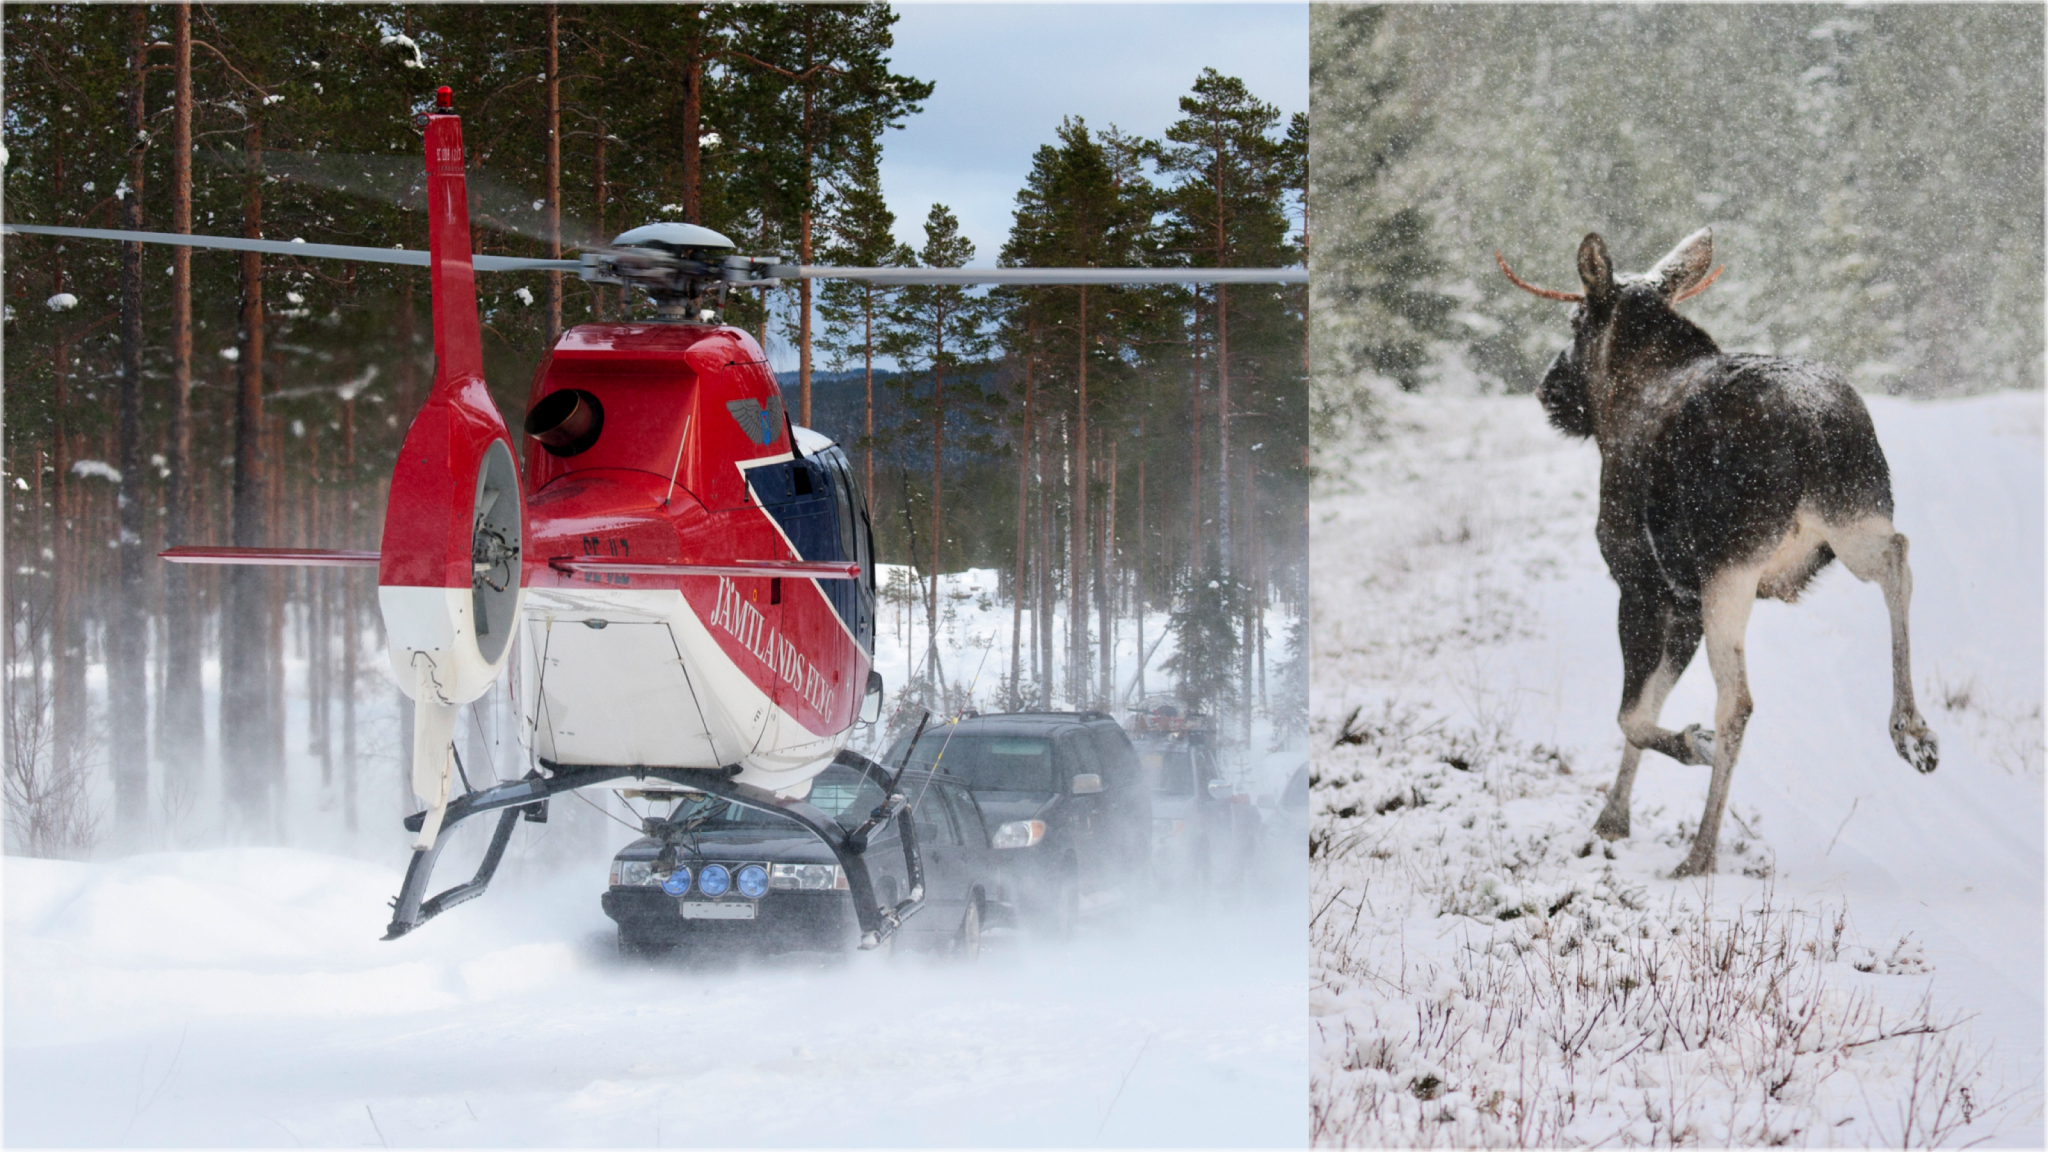 Regelbundna flyginventeringar är det säkraste sättet att få en bild av älgstammens storlek, skriver debattören. Foto: Olle Olsson (helikopter) och Johnny Olsson (älg)